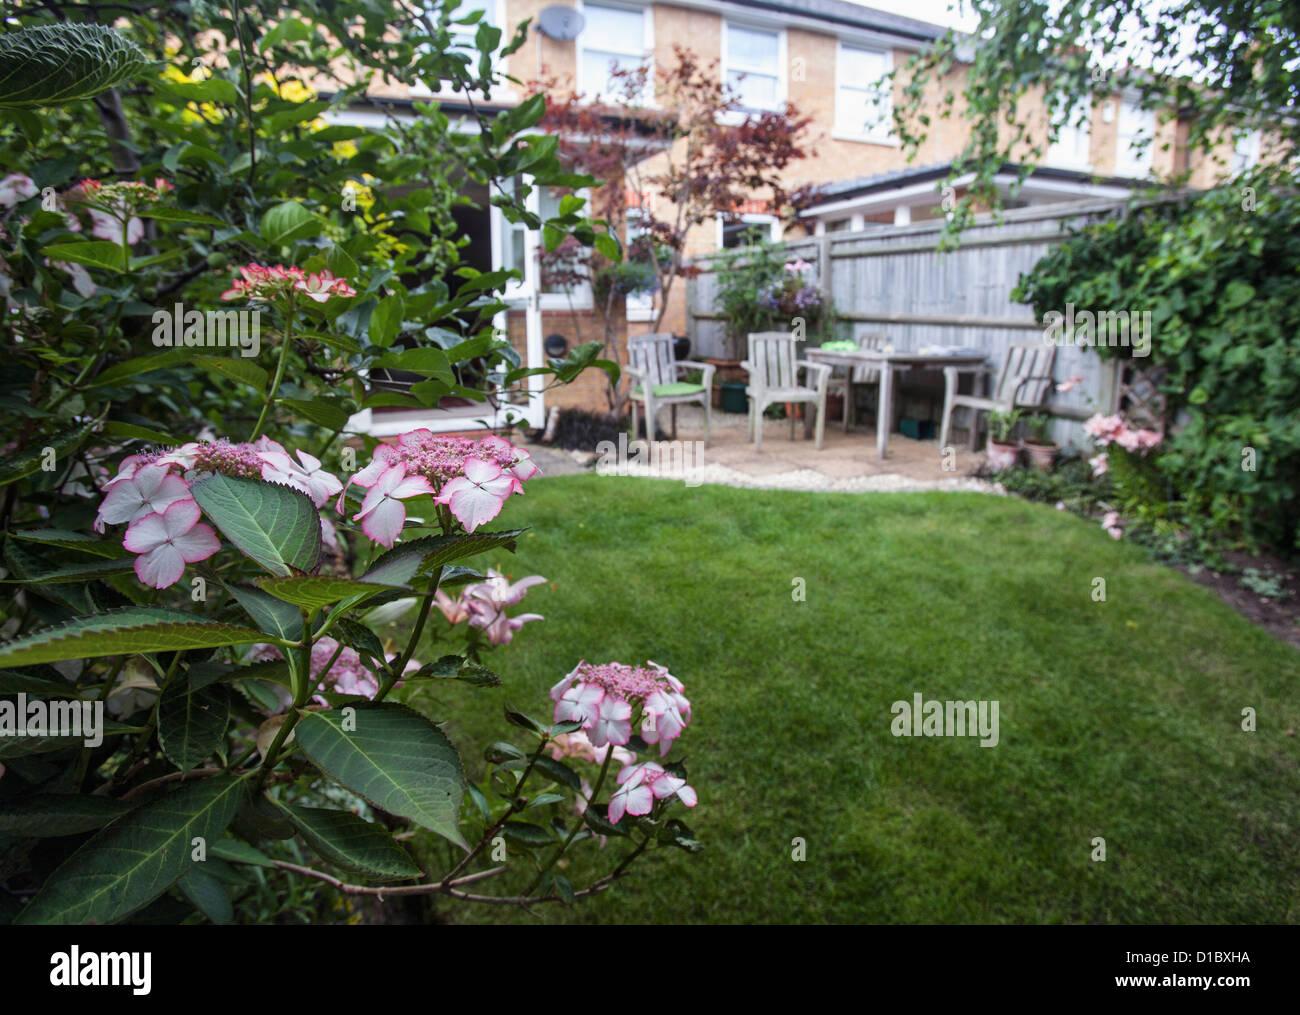 Suburbia - a garden of a terraced house in London, England Stock Photo